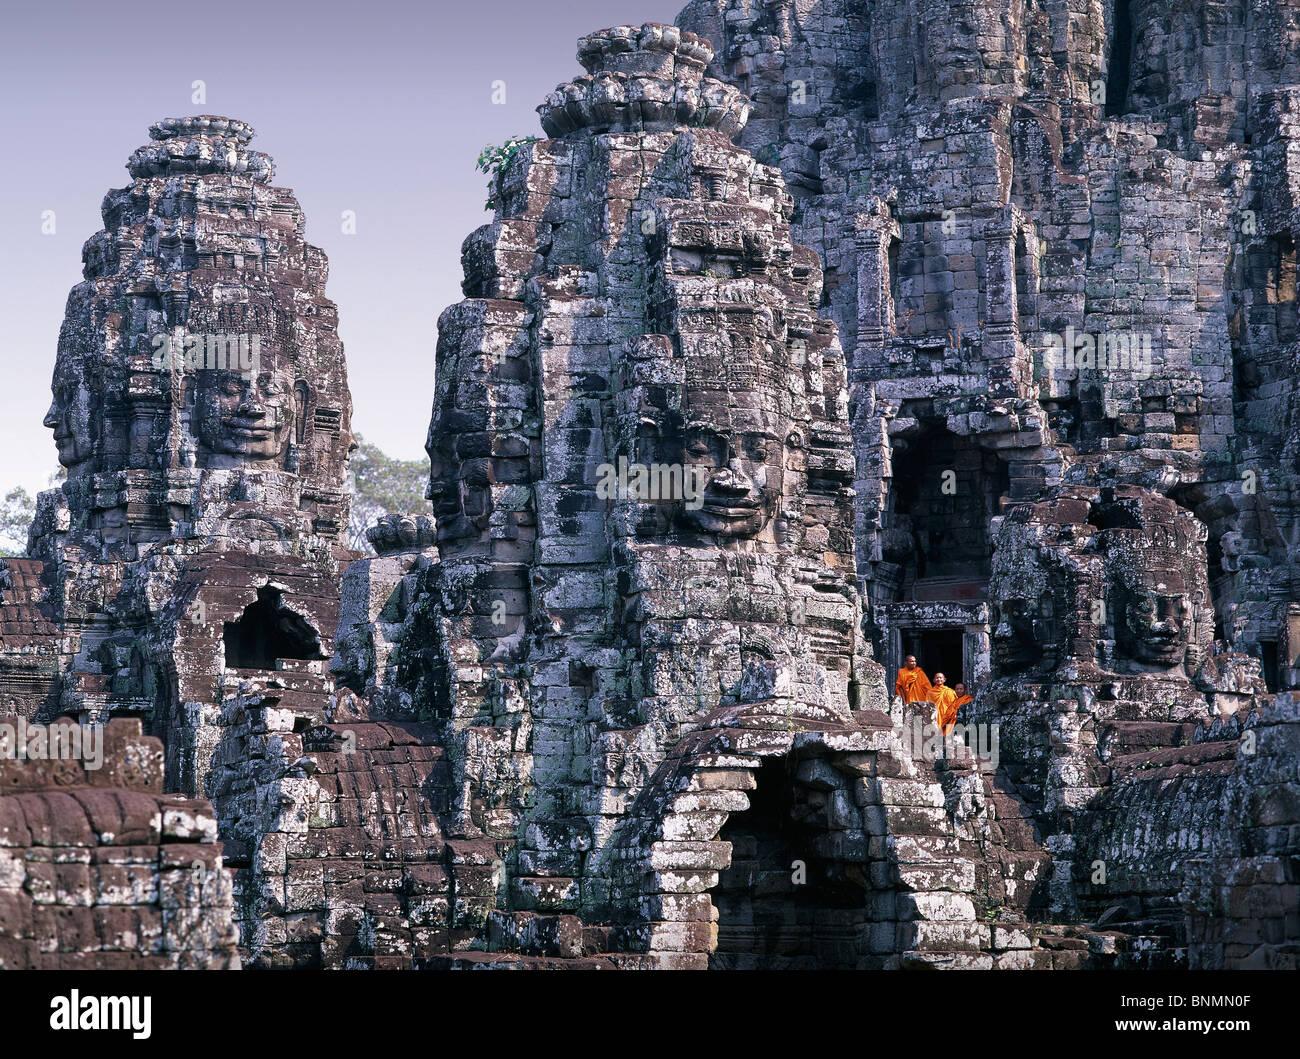 Lejano Oriente de Asia Camboya Siem Reap templo Bayon religión sitio cultural La cultura figuras de piedra Imagen De Stock